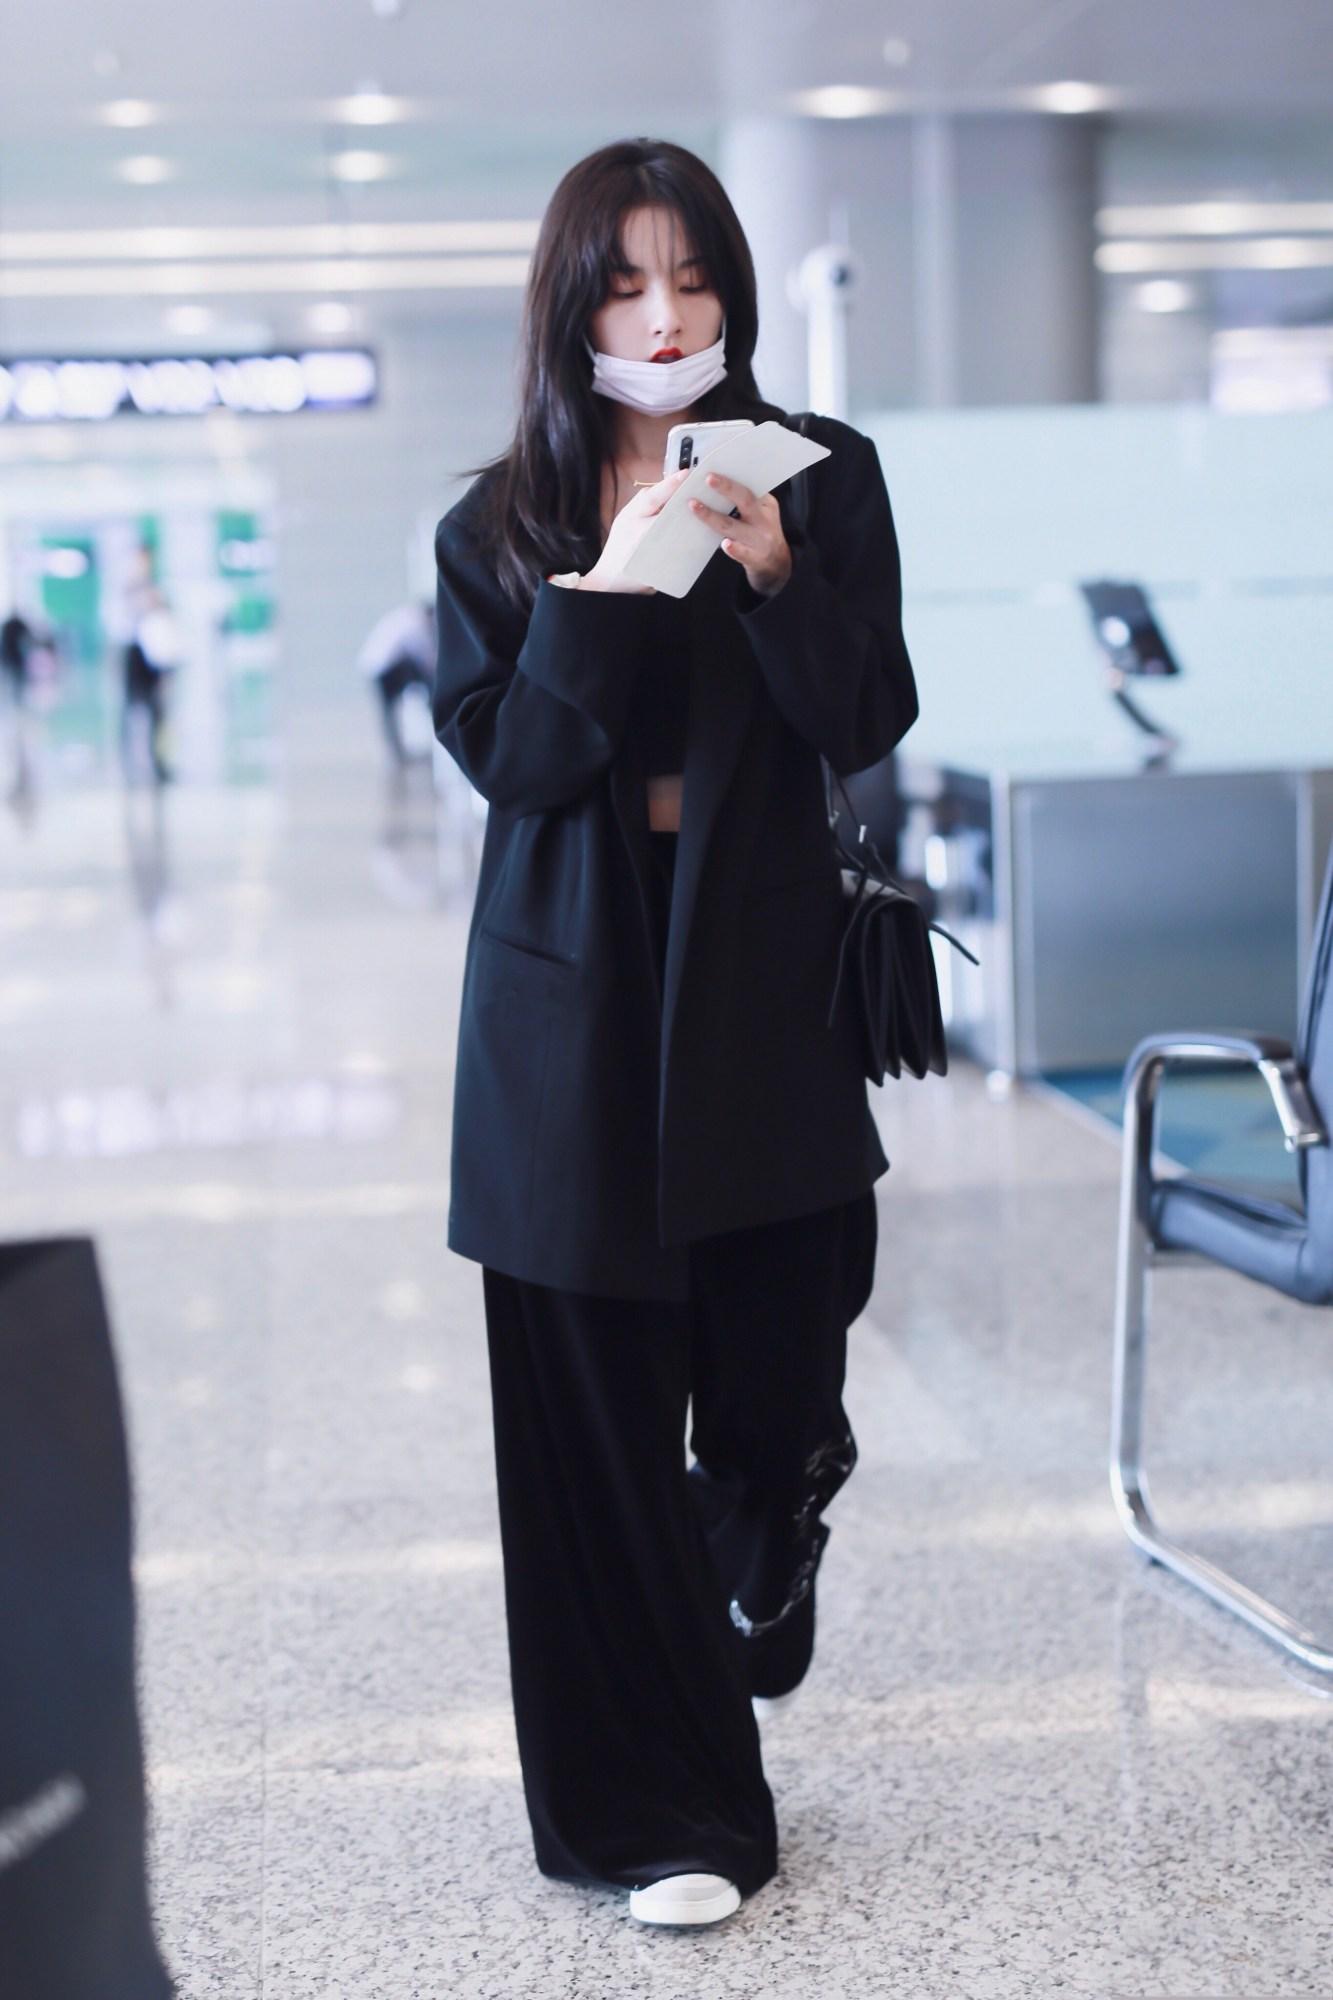 宋祖儿周雨彤机场偶遇,一酷一甜聊得起劲,闺蜜范儿穿搭出门必学